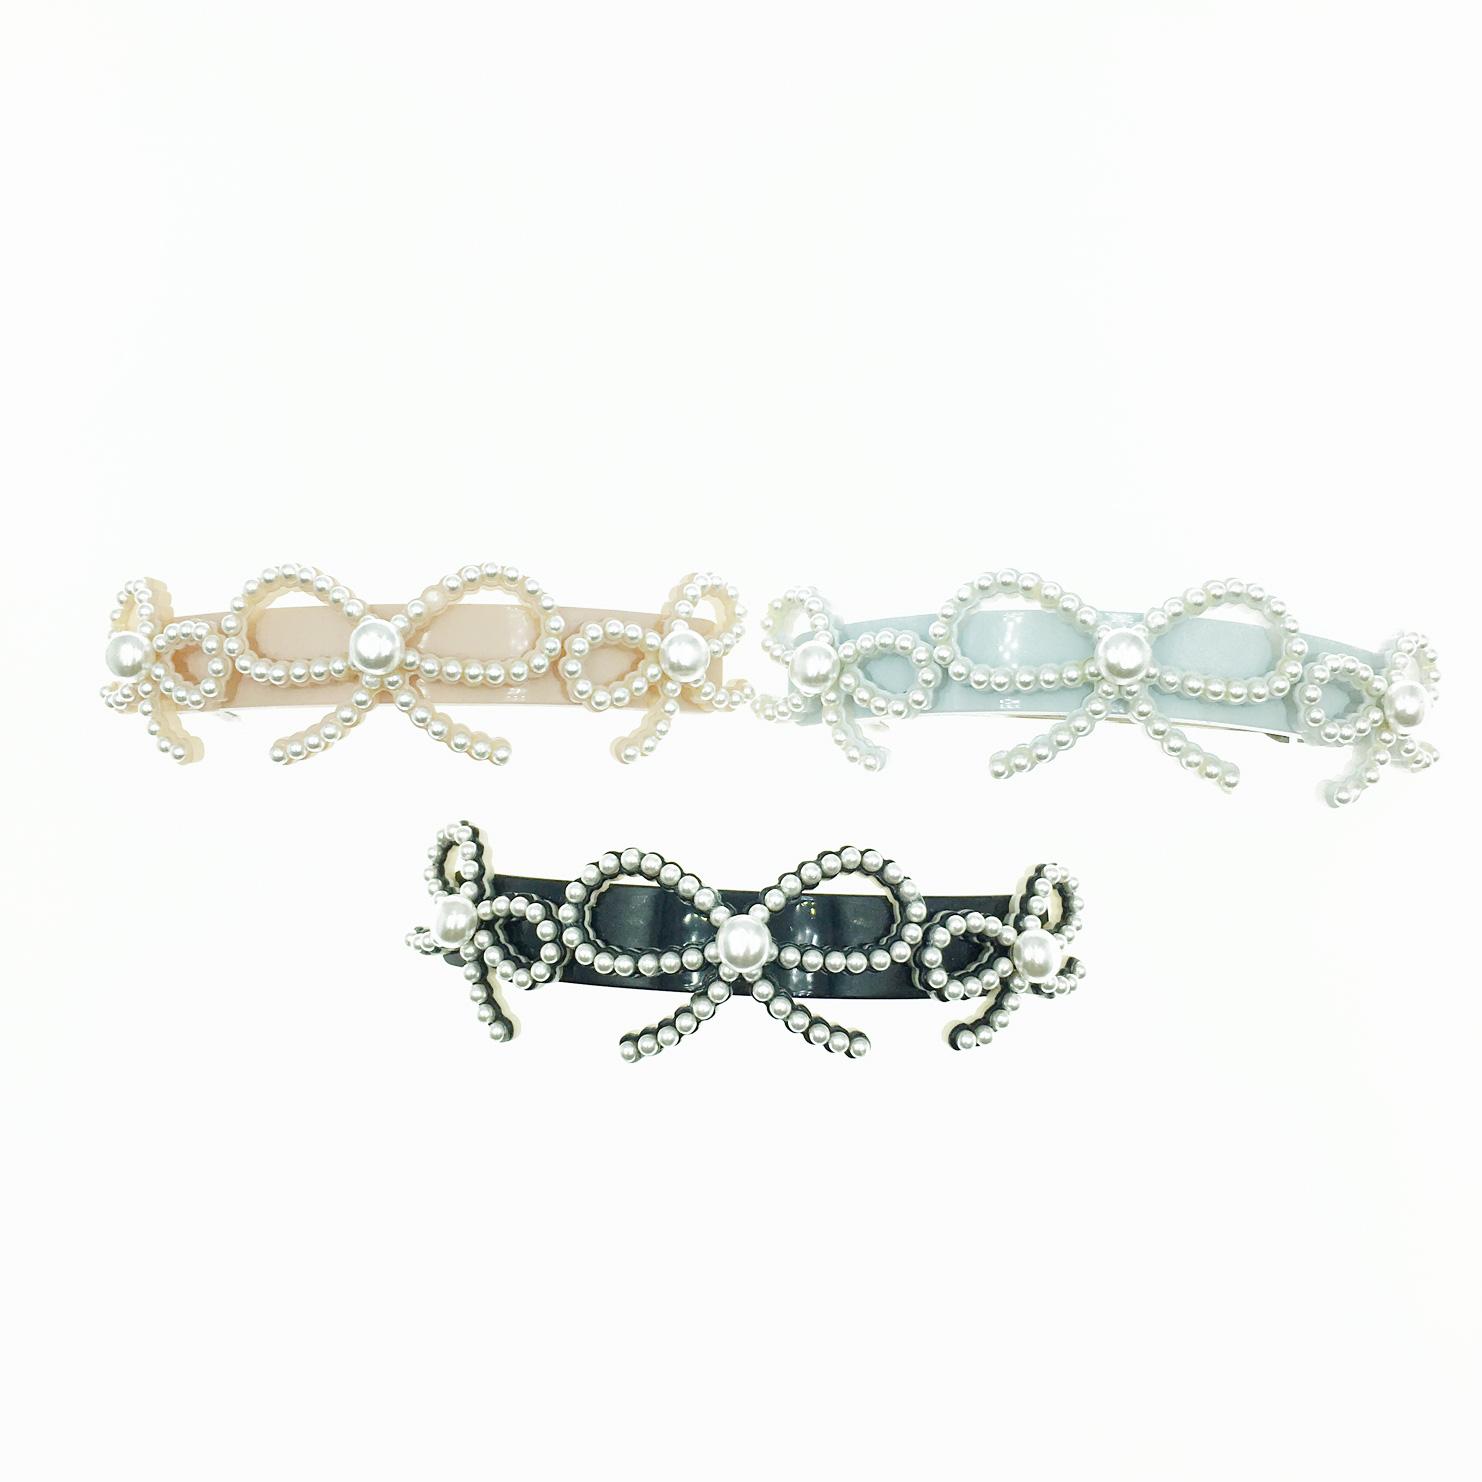 珍珠 蝴蝶結 3色 髮飾 髮夾 自動夾 採用施華洛世奇水晶元素 Crystals from Swarovski